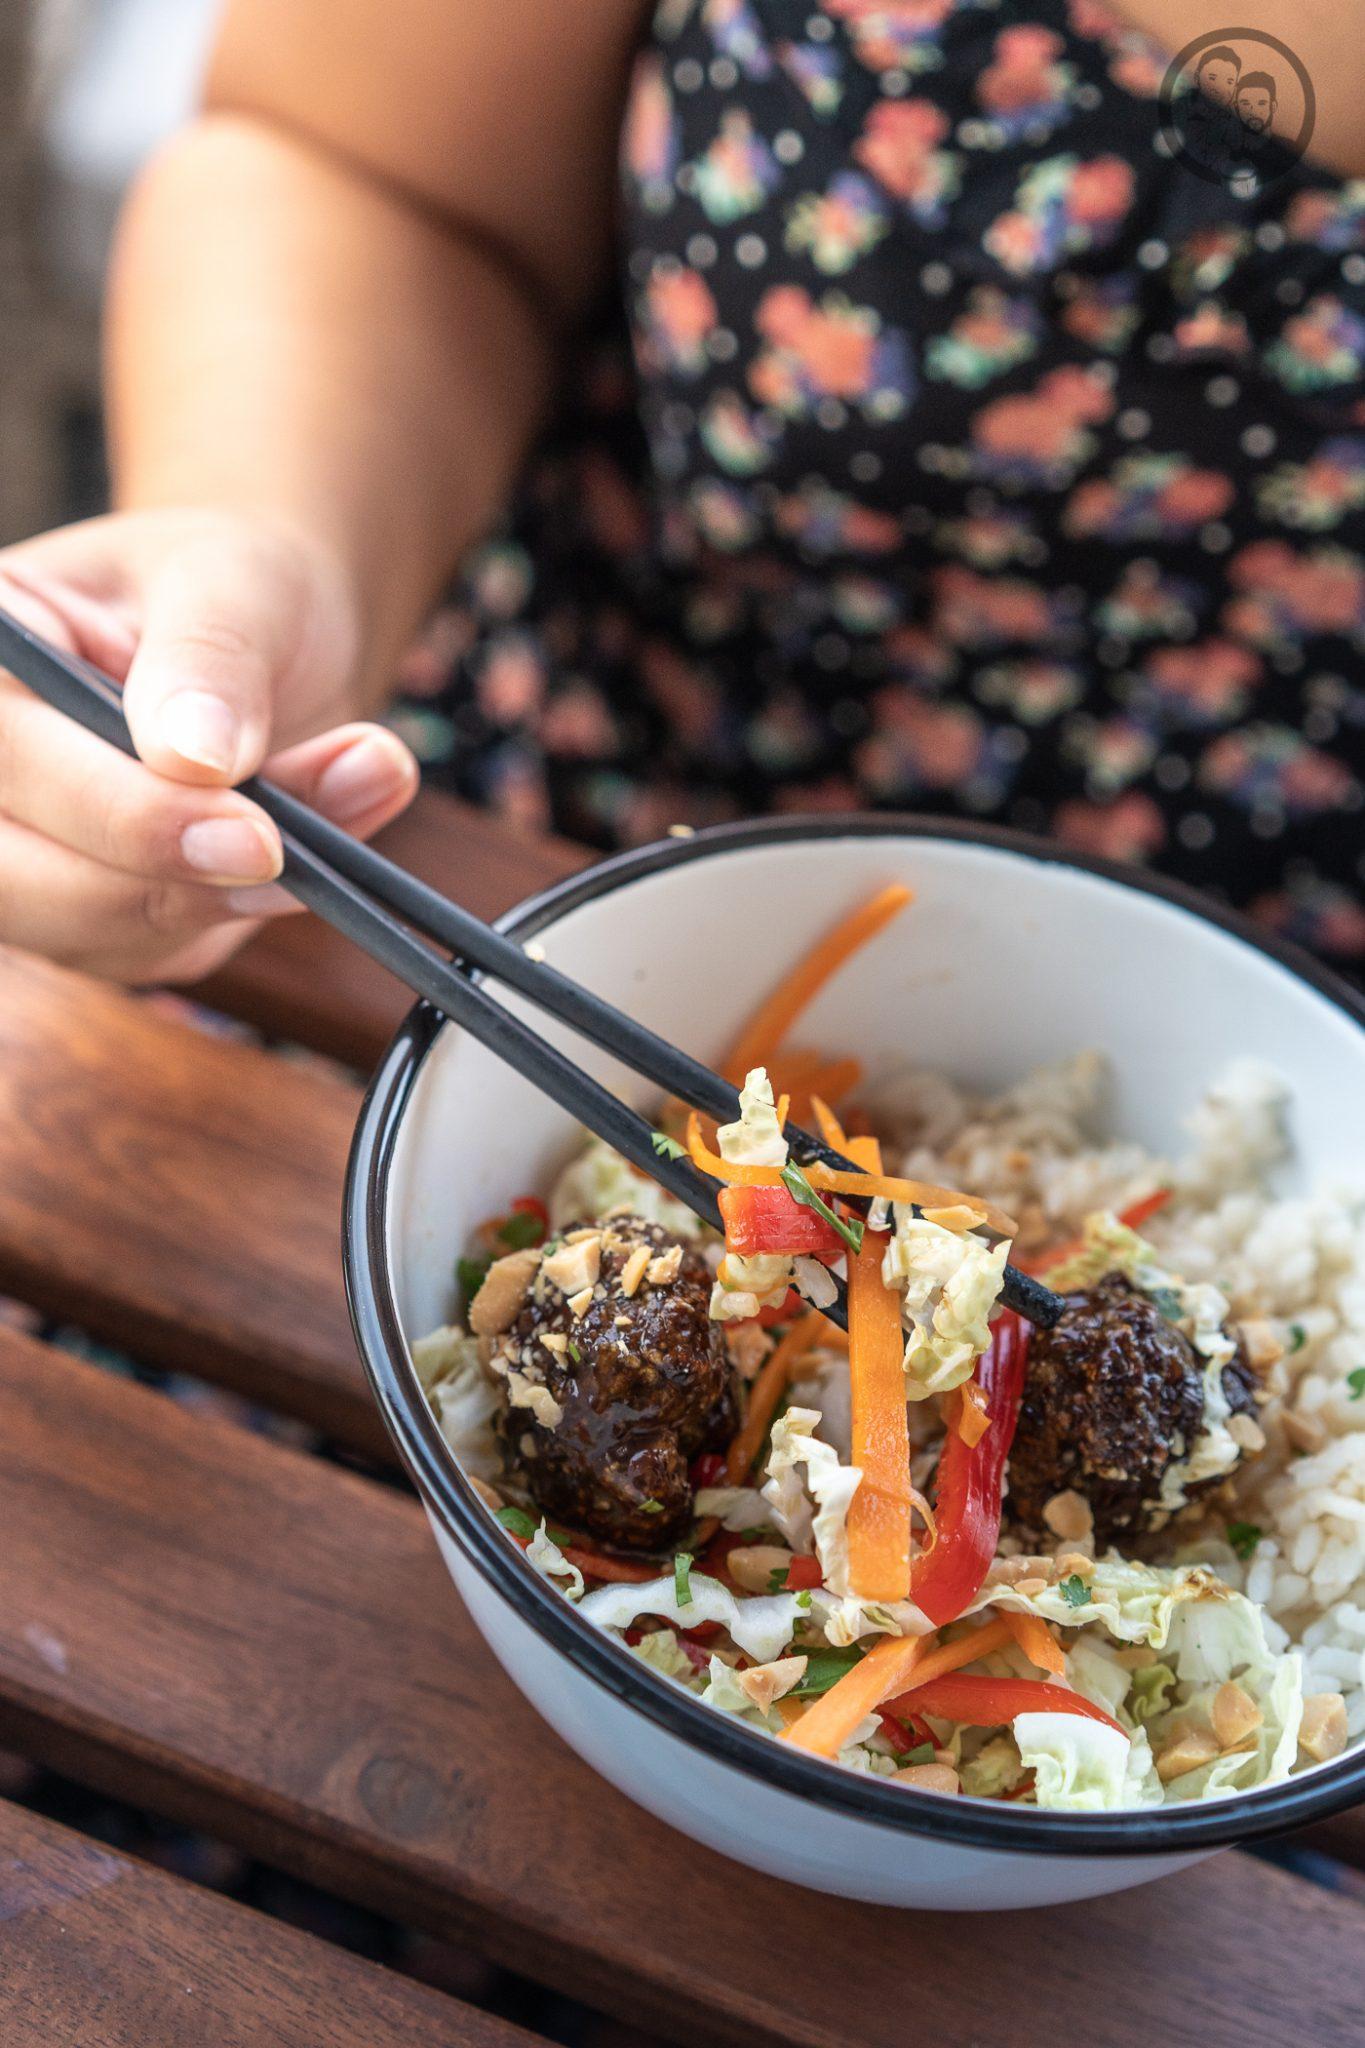 Poke Bowl erdn%C3%BCsse %C3%BCltje 11 | Wenn man um einen Foodtrend 2018 kaum herum gekommen ist, zumindest ging es uns in Köln so, dann ist es die Poke Bowl. Also wurde es höchste Zeit, dass wir unsere eigene Poke Bowl kreieren. Da wir verschiedene Küchen gerne kombinieren haben wir dazu Korean Beef Balls gemacht und eine gute Ladung gesalzene ültje Erdnüsse dazu gegeben - so schmeckt der Sommer aus der Schüssel!